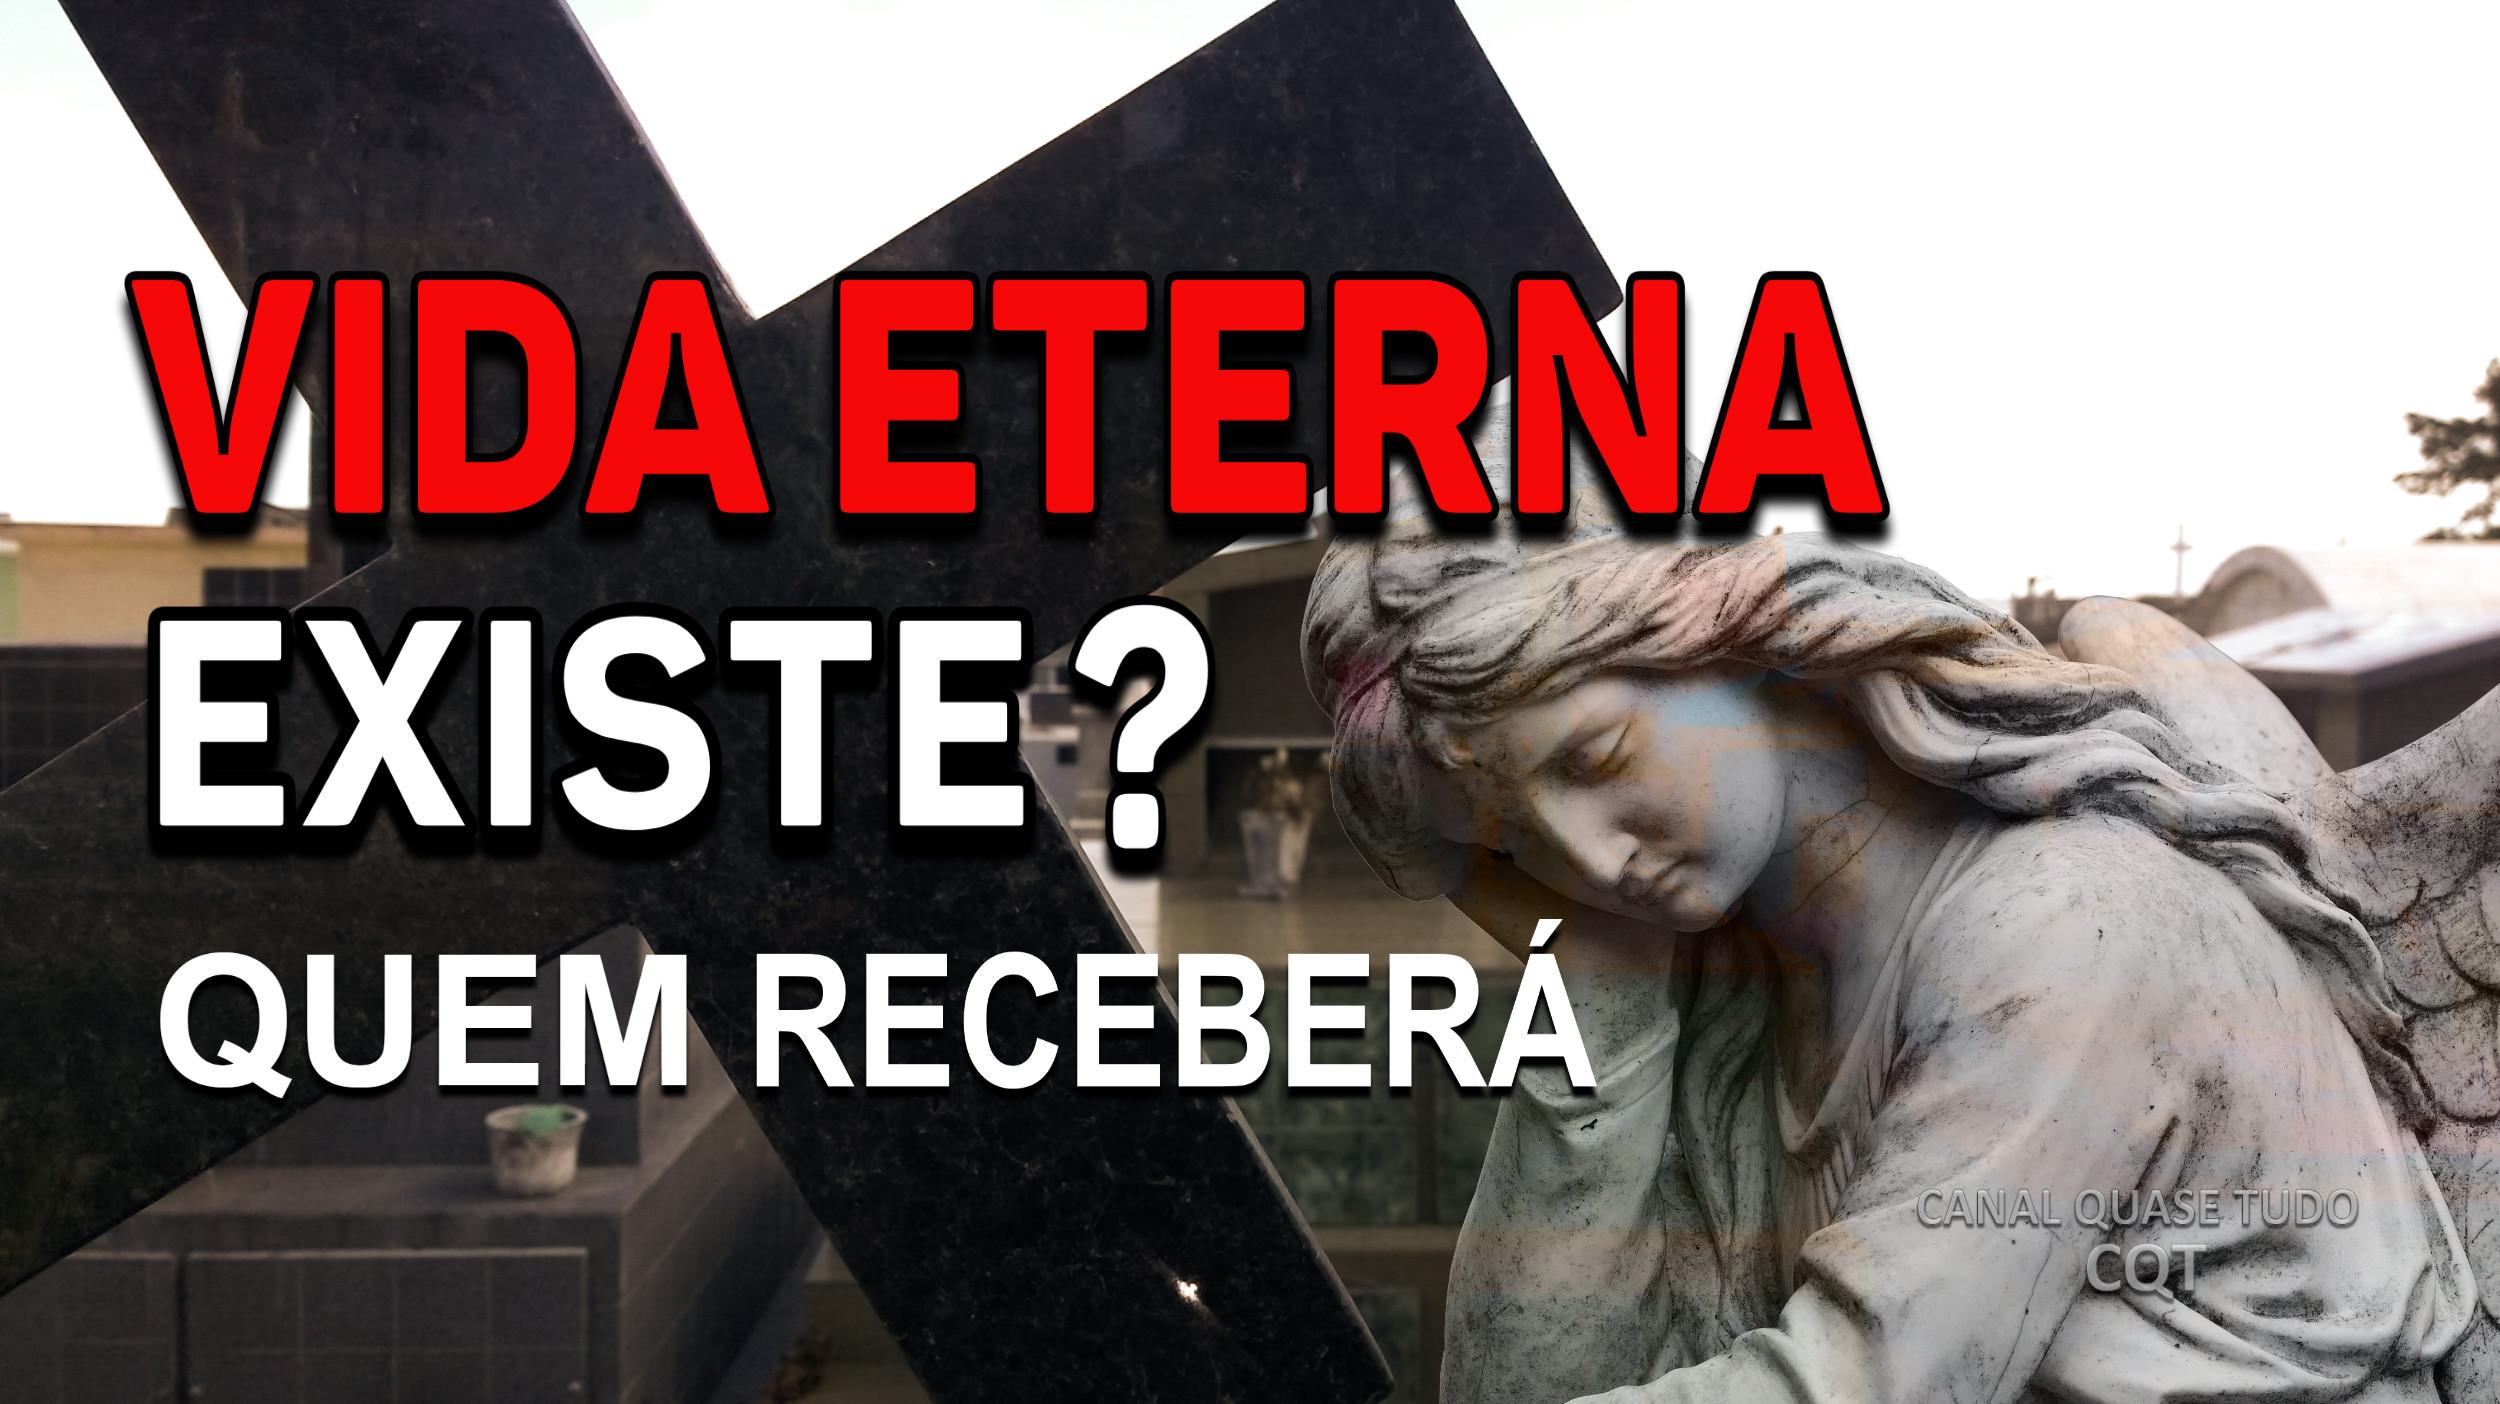 VIDA ETERNA, BIBLIA, CANAL QUASE TUDO, APOCALIPSE, VOLTA DE CRISTO